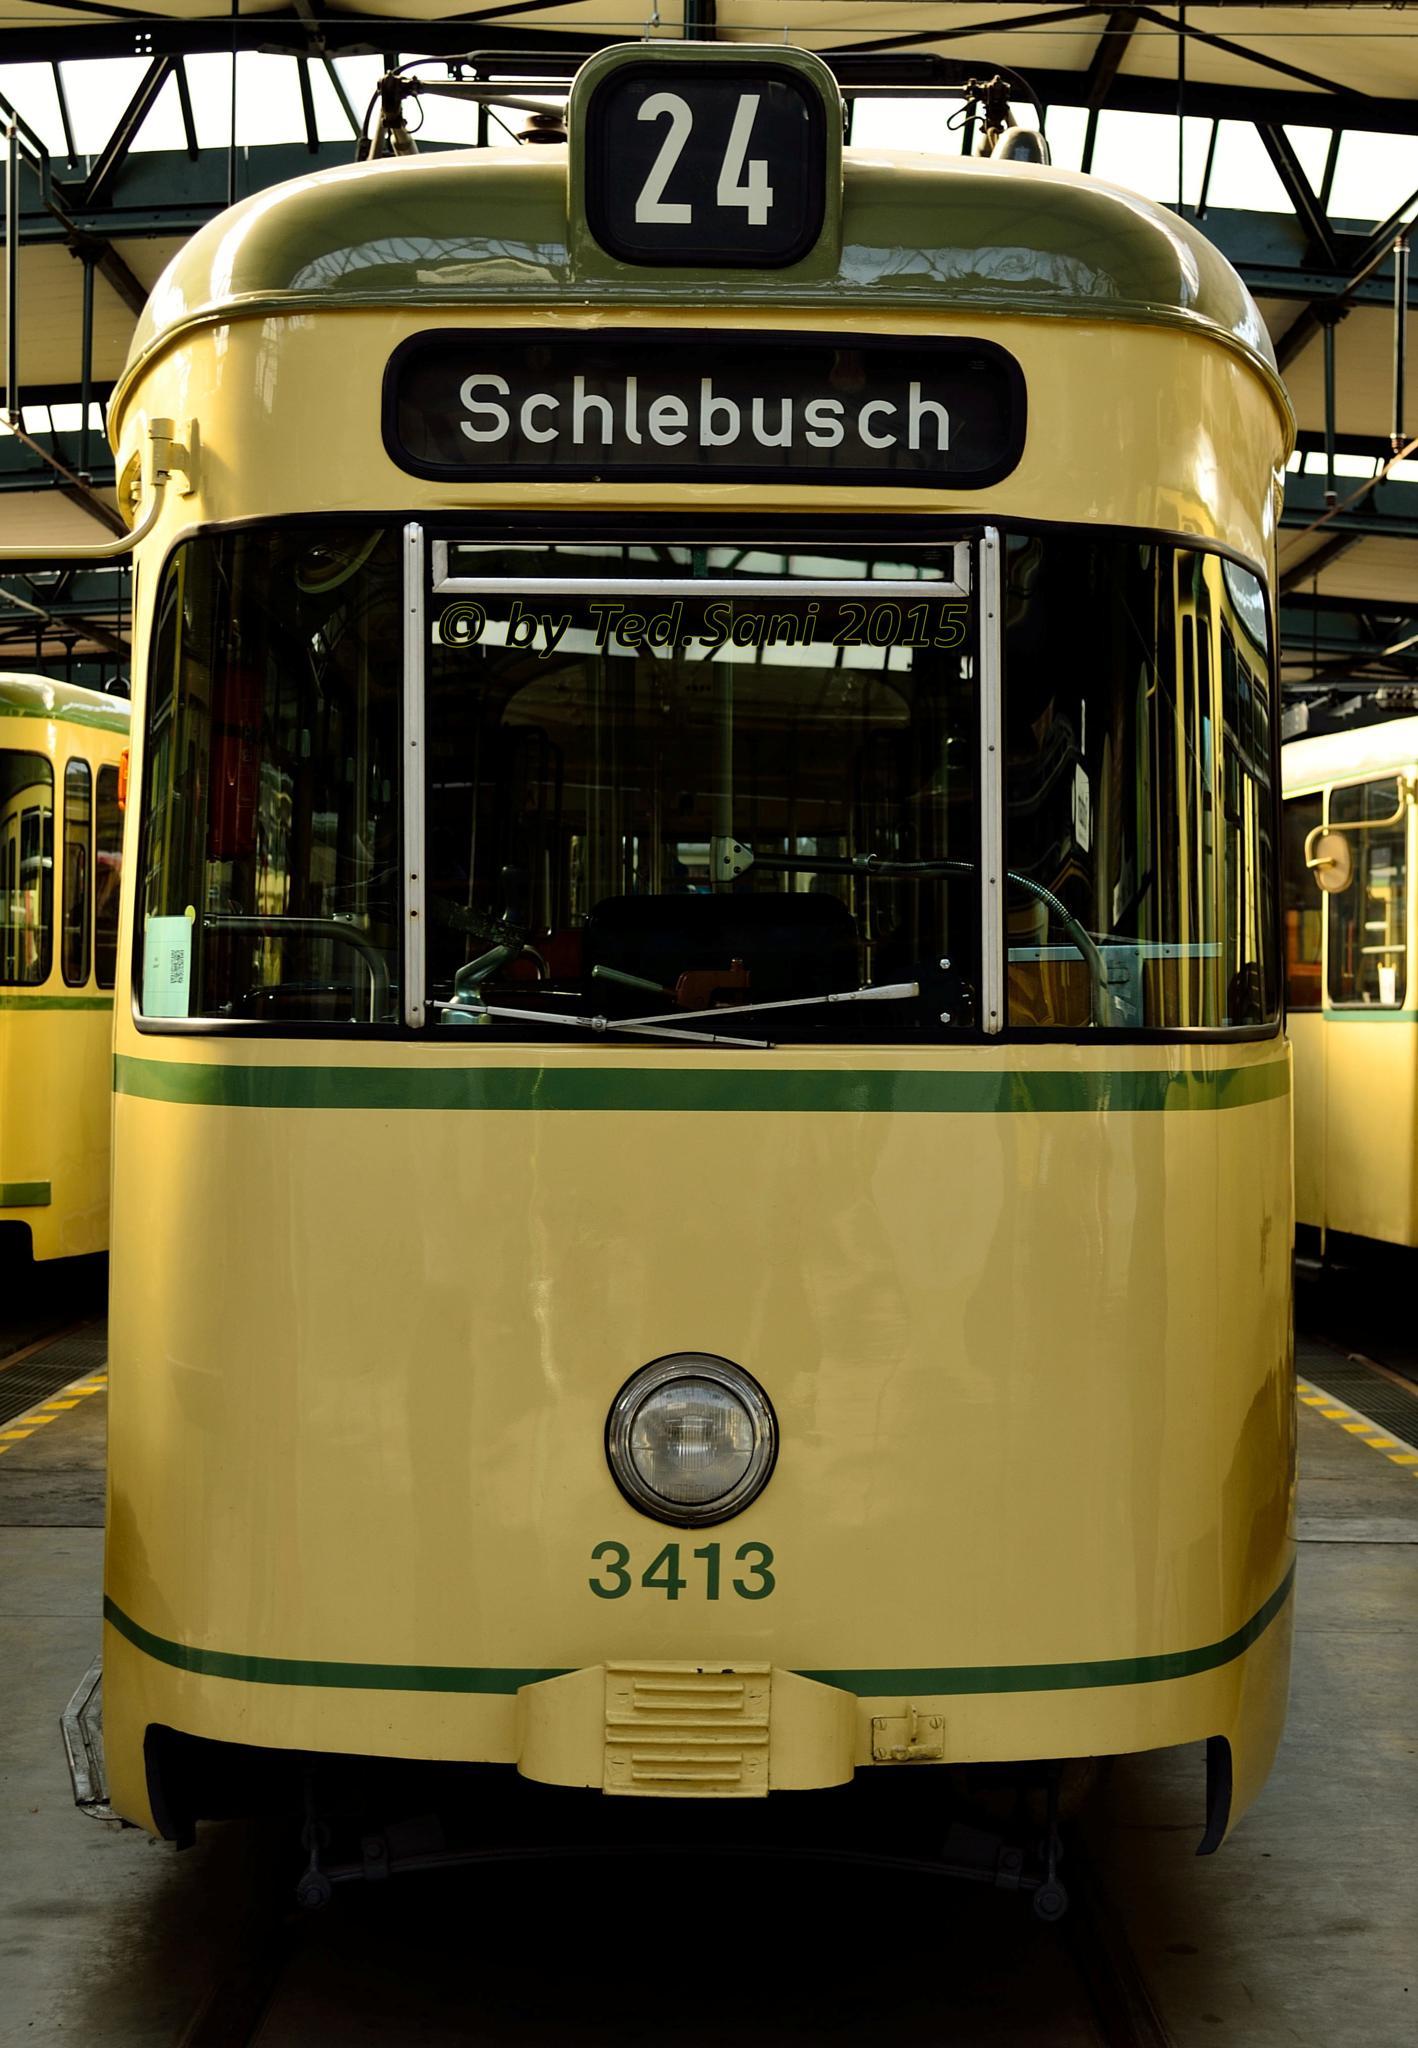 KVB Strassenbahn Museum by MKalker/TedSani